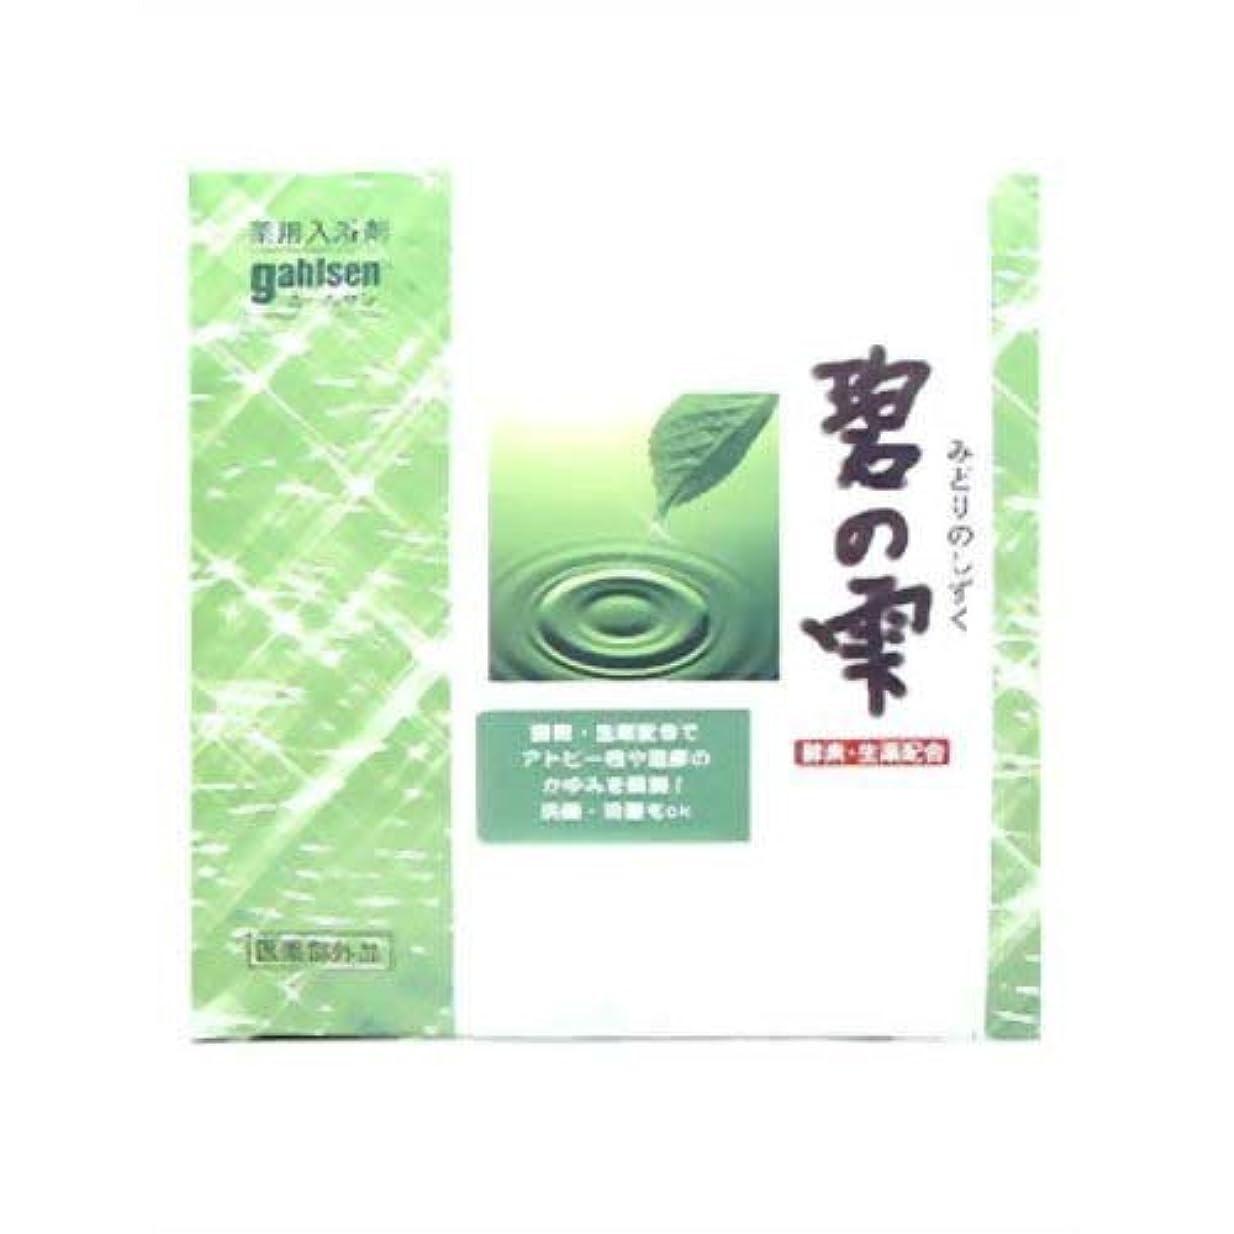 東海美商 酵素入浴剤ガールセン「碧の雫」 20g×48包